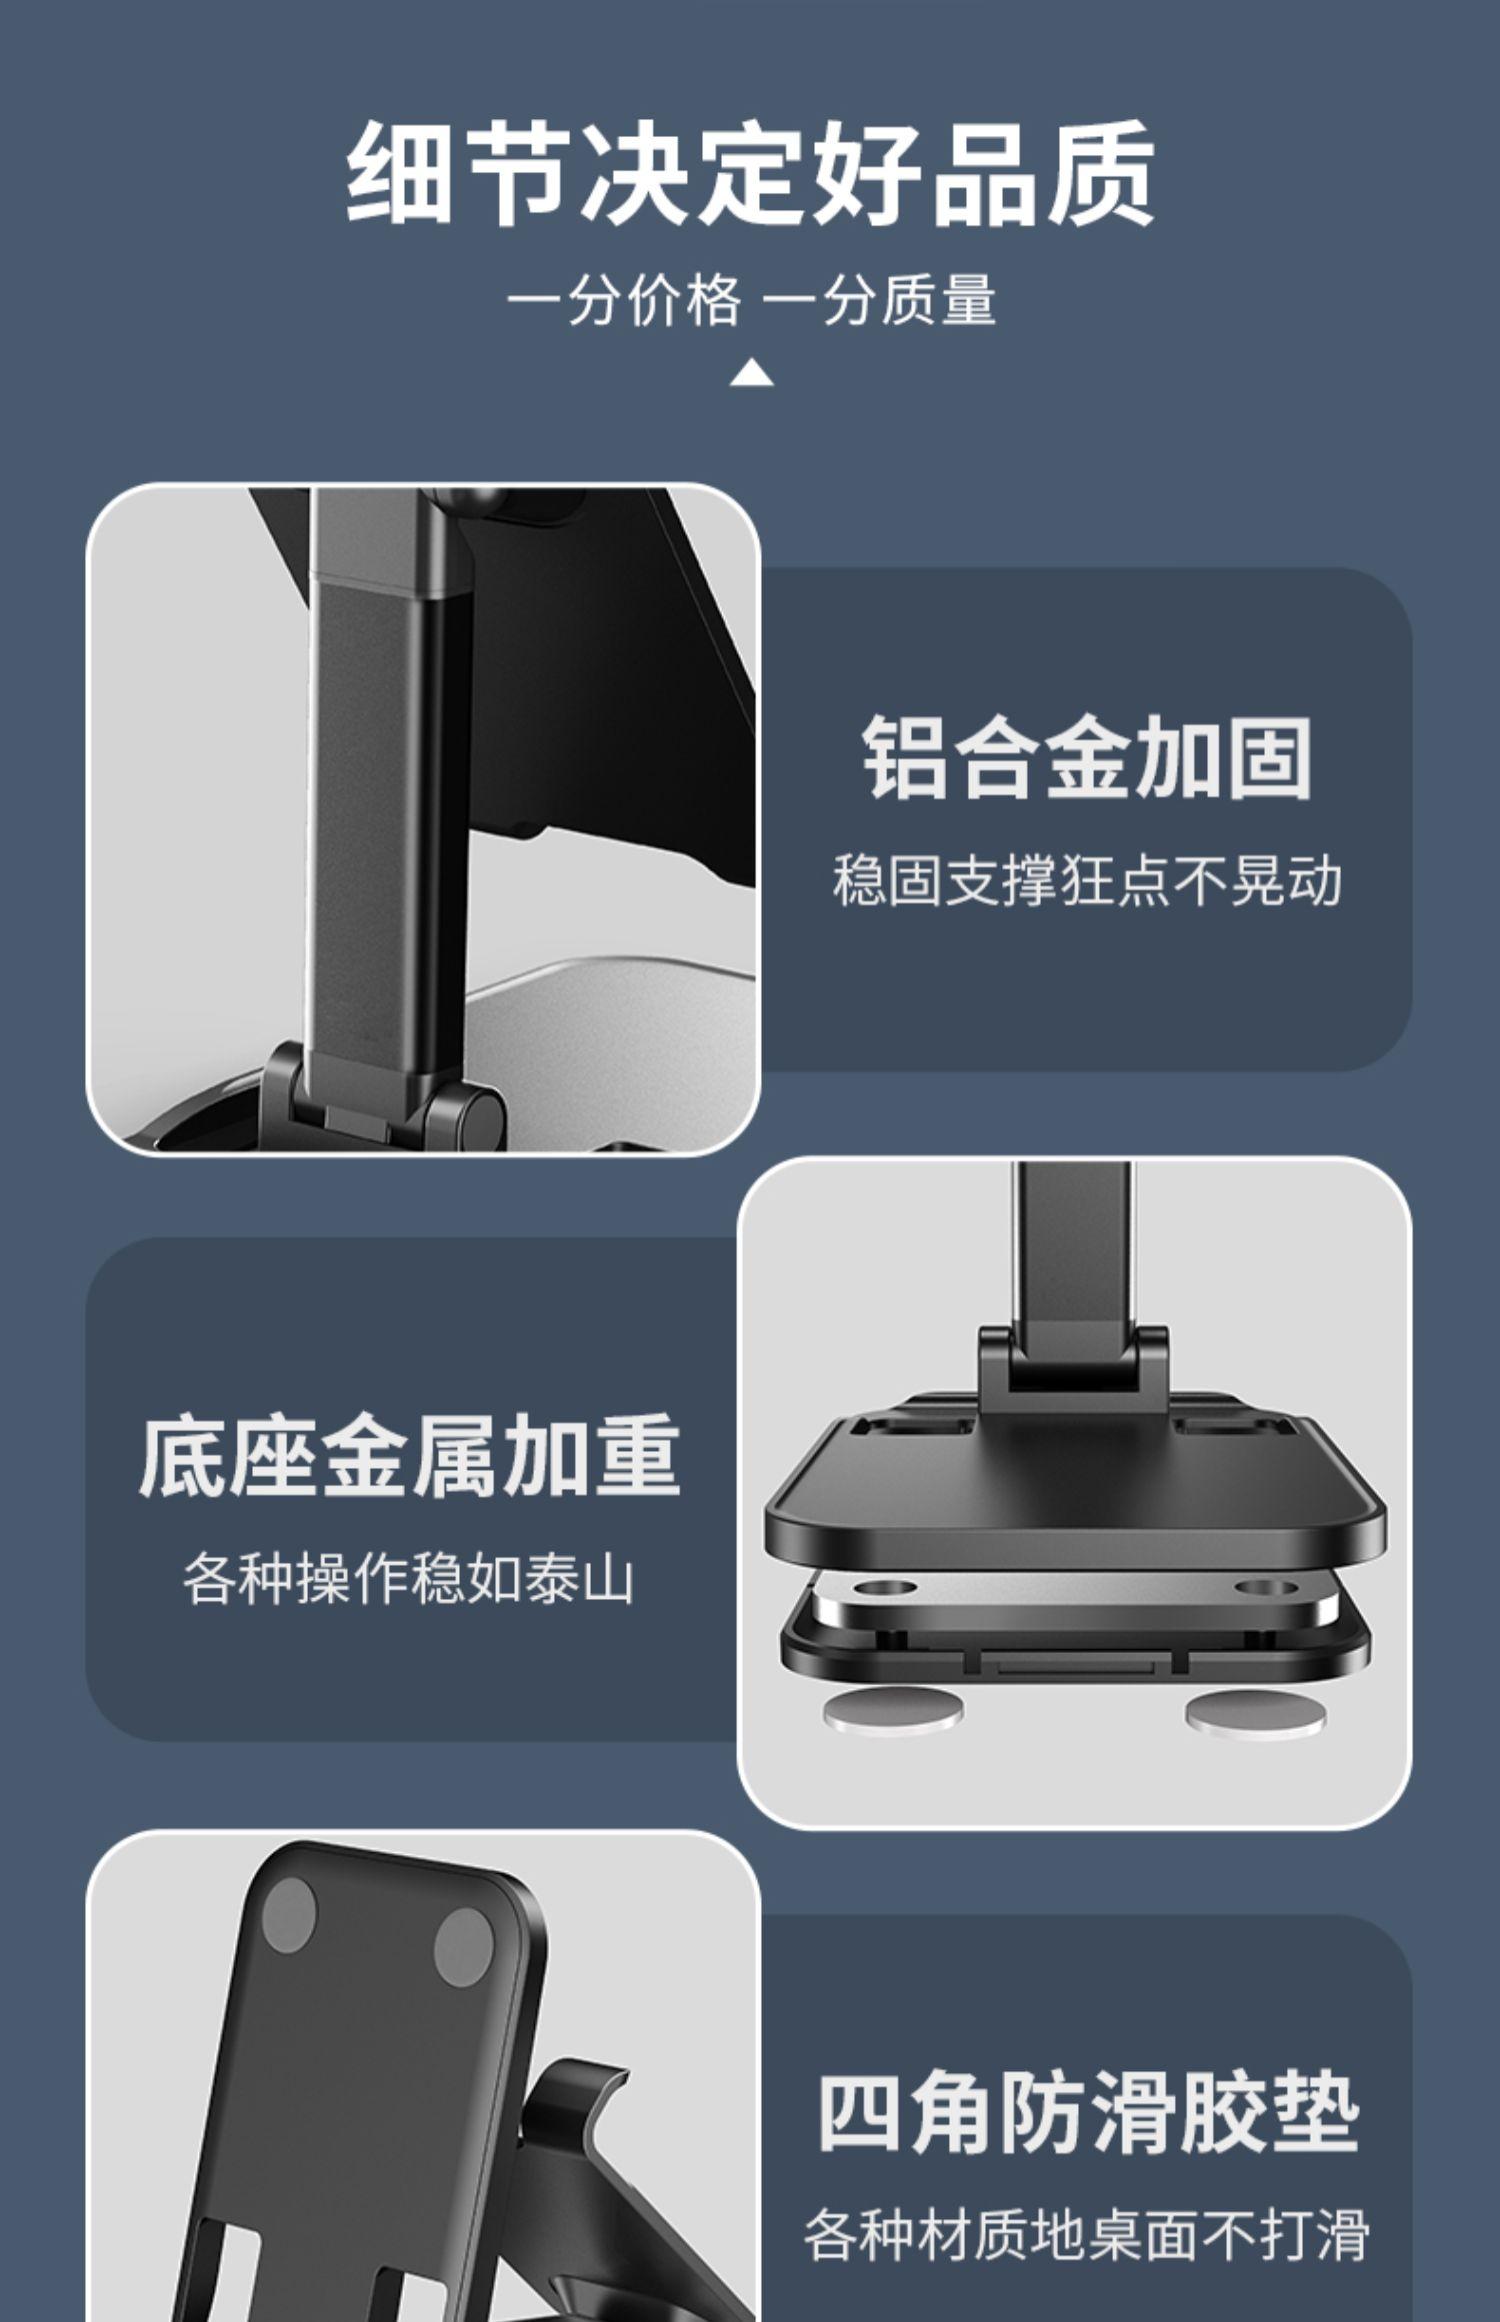 【罗马仕】桌面懒人手机支架6